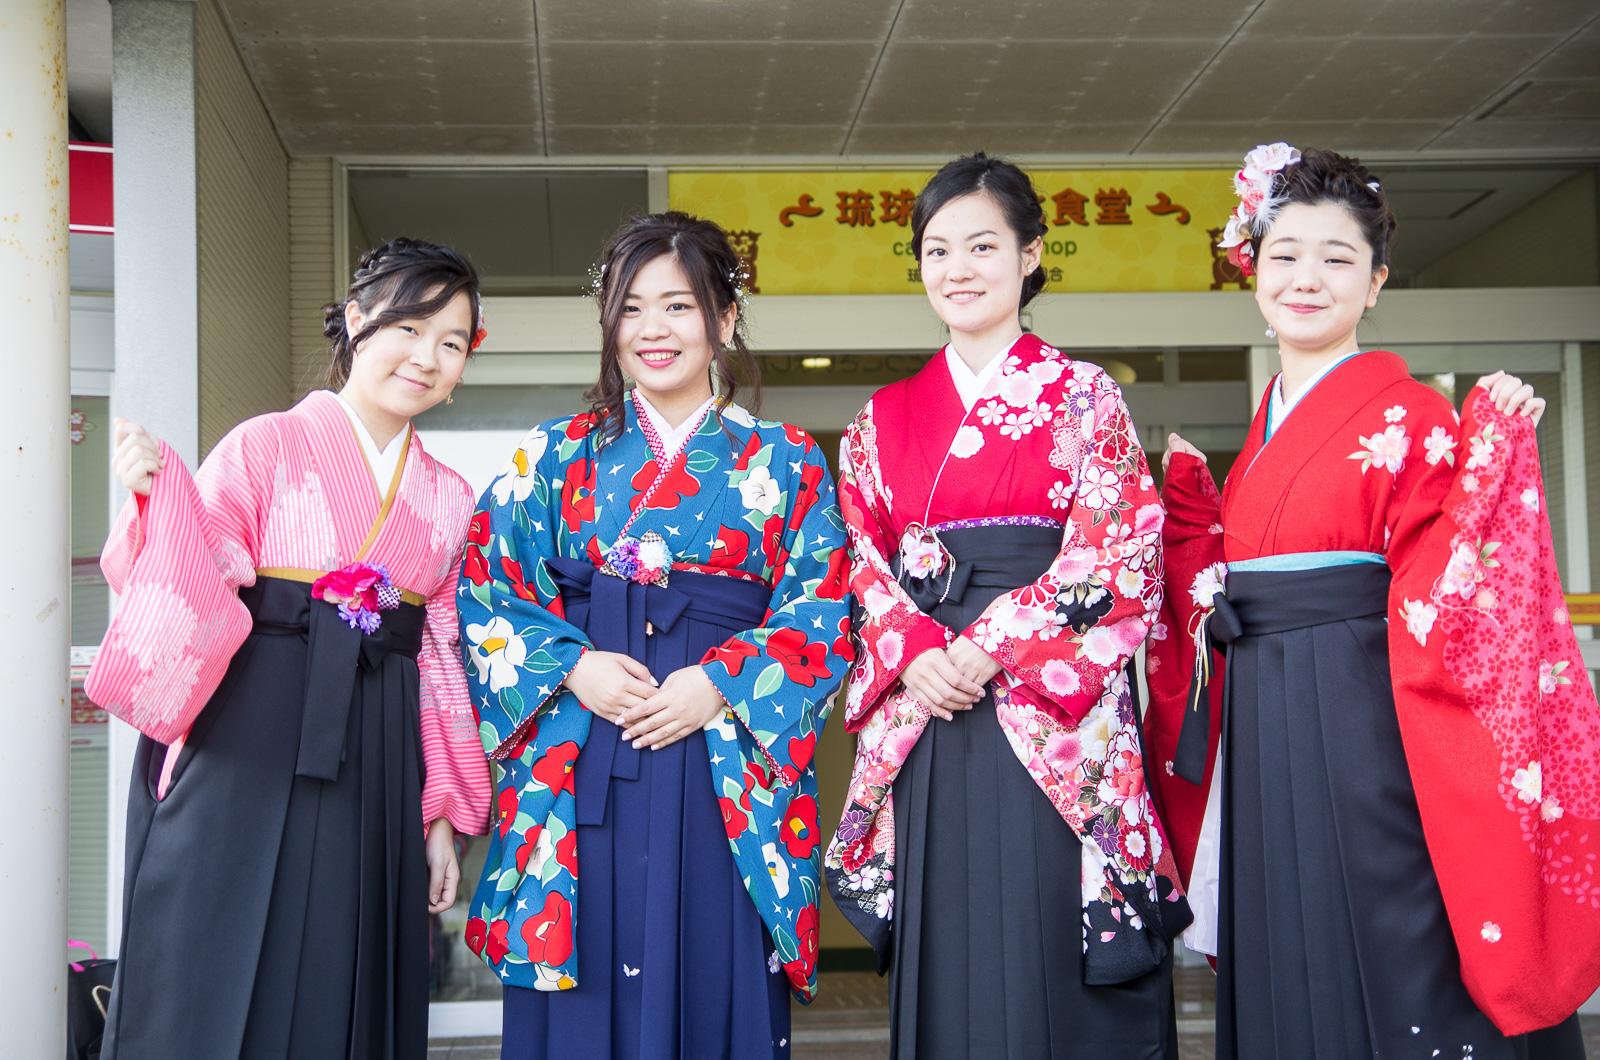 日本女性大學畢業服「袴」